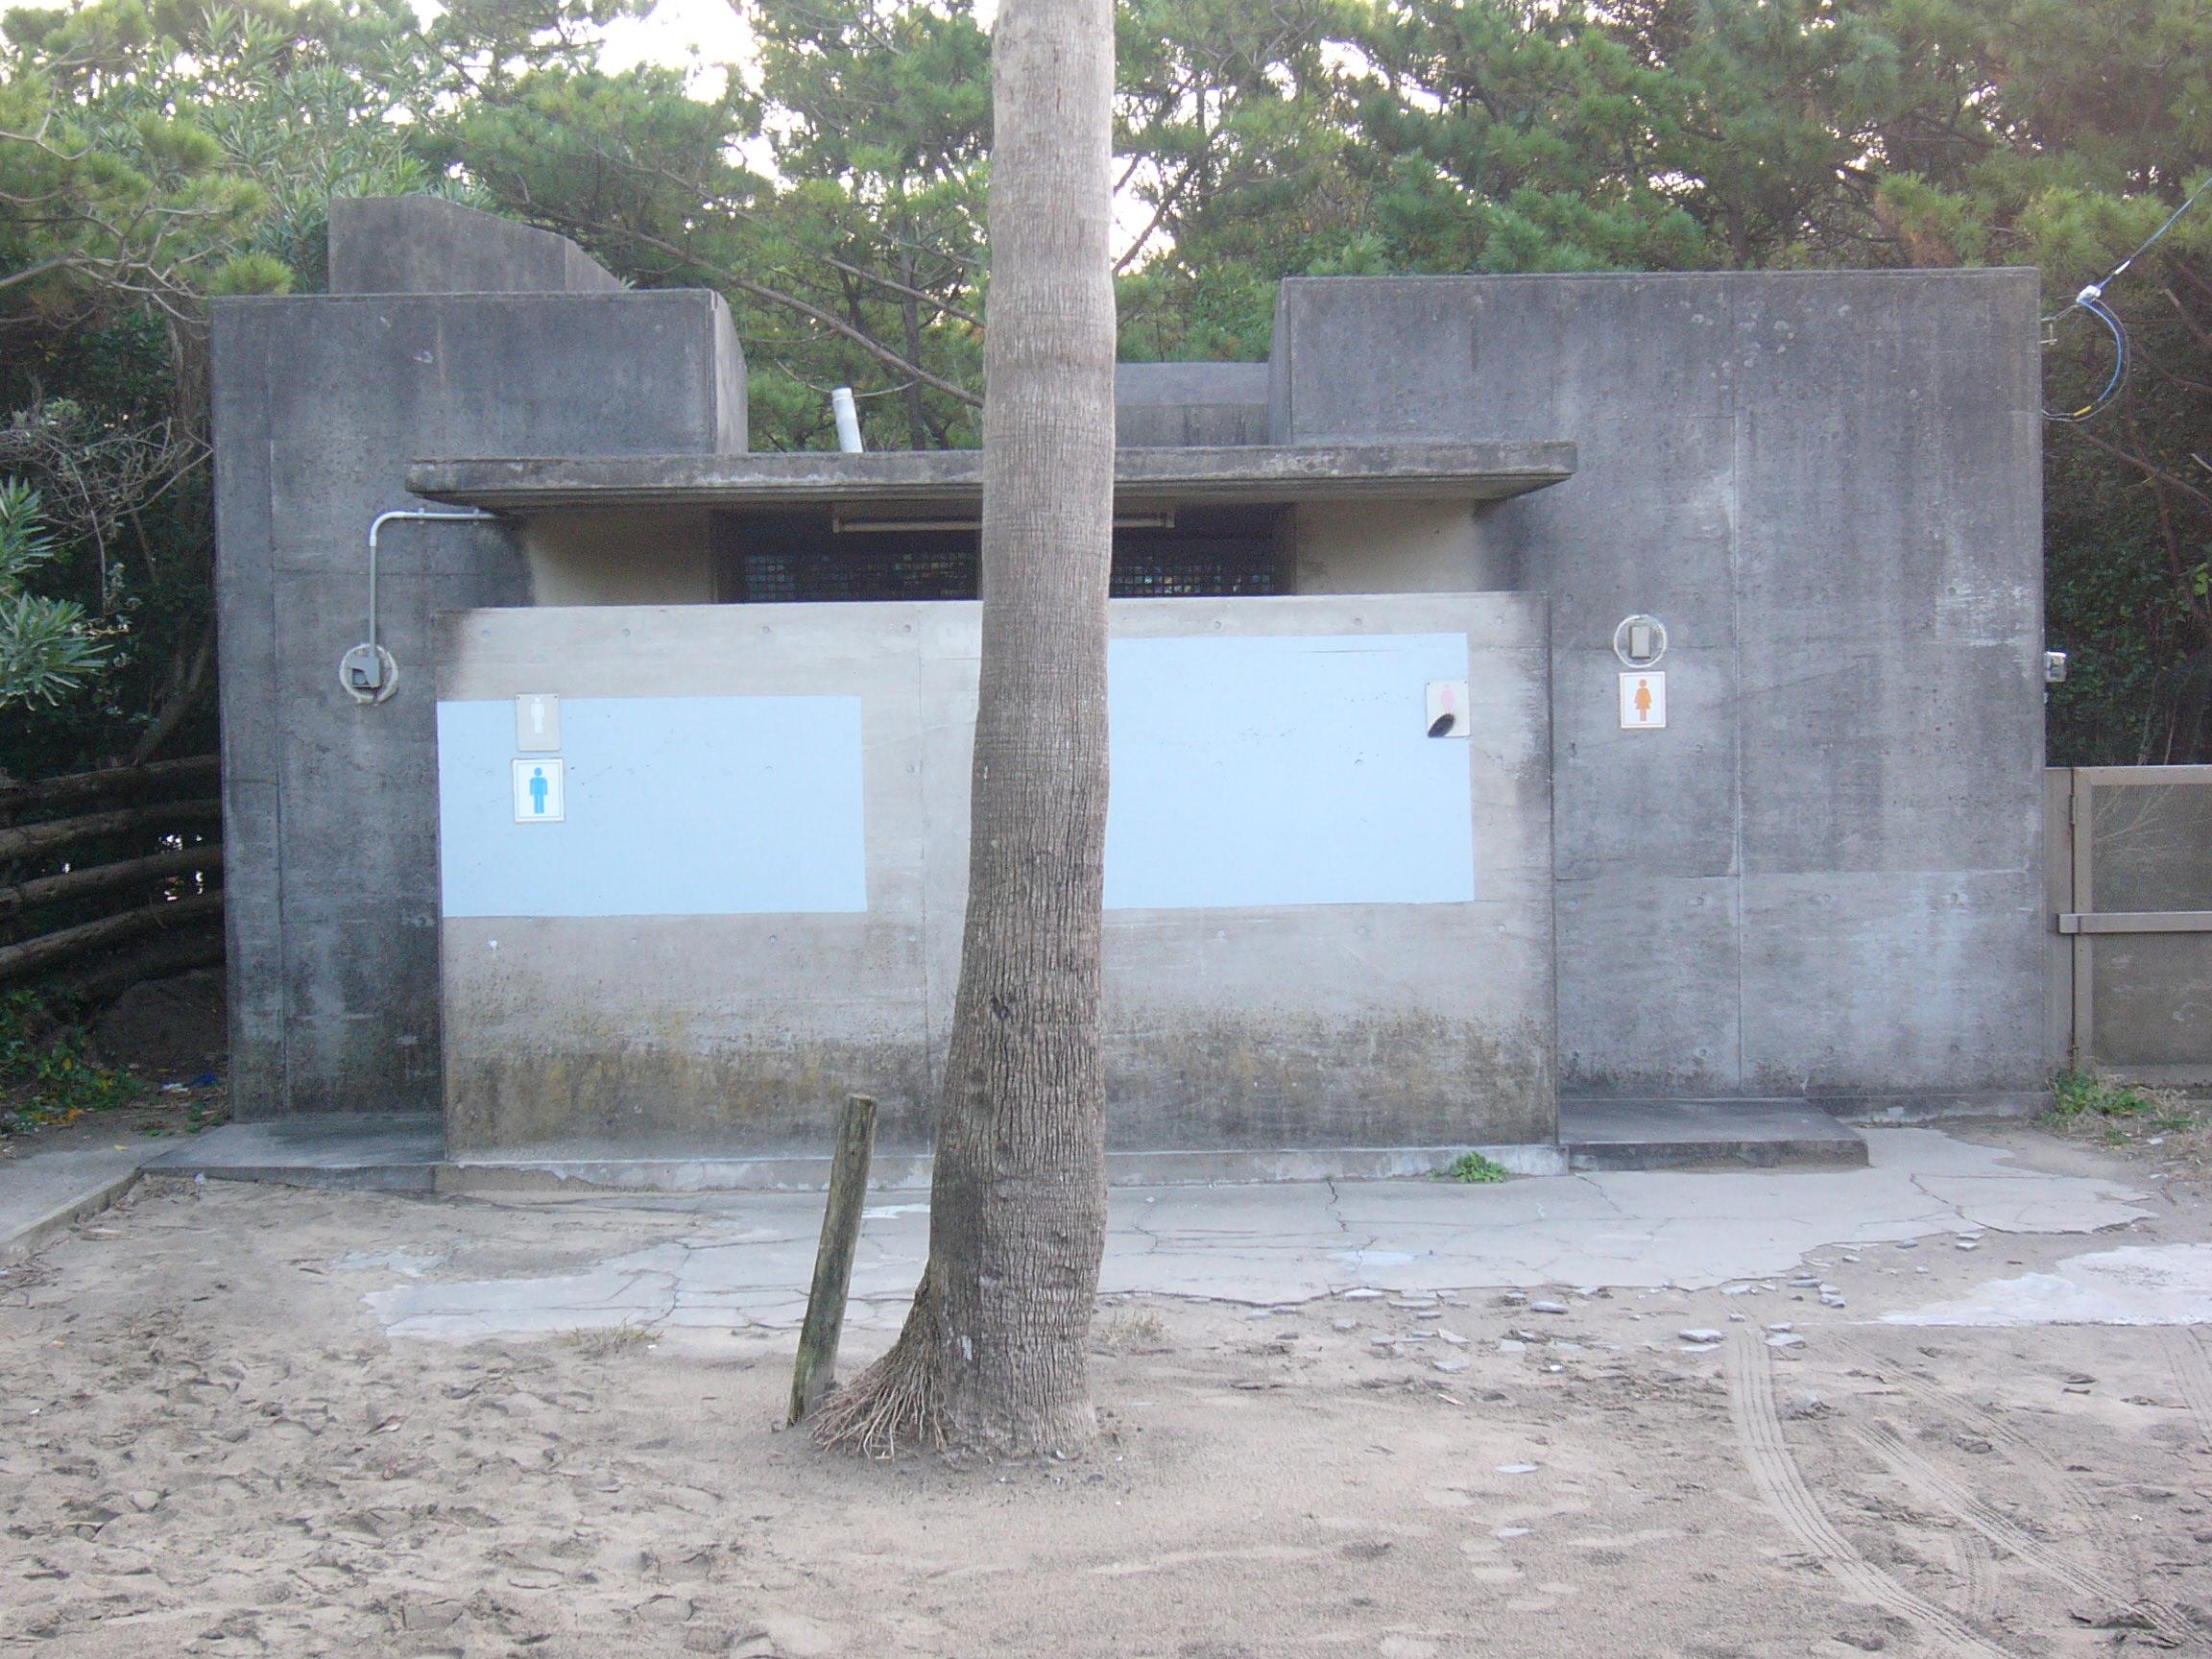 近く の 公衆 トイレ は どこ